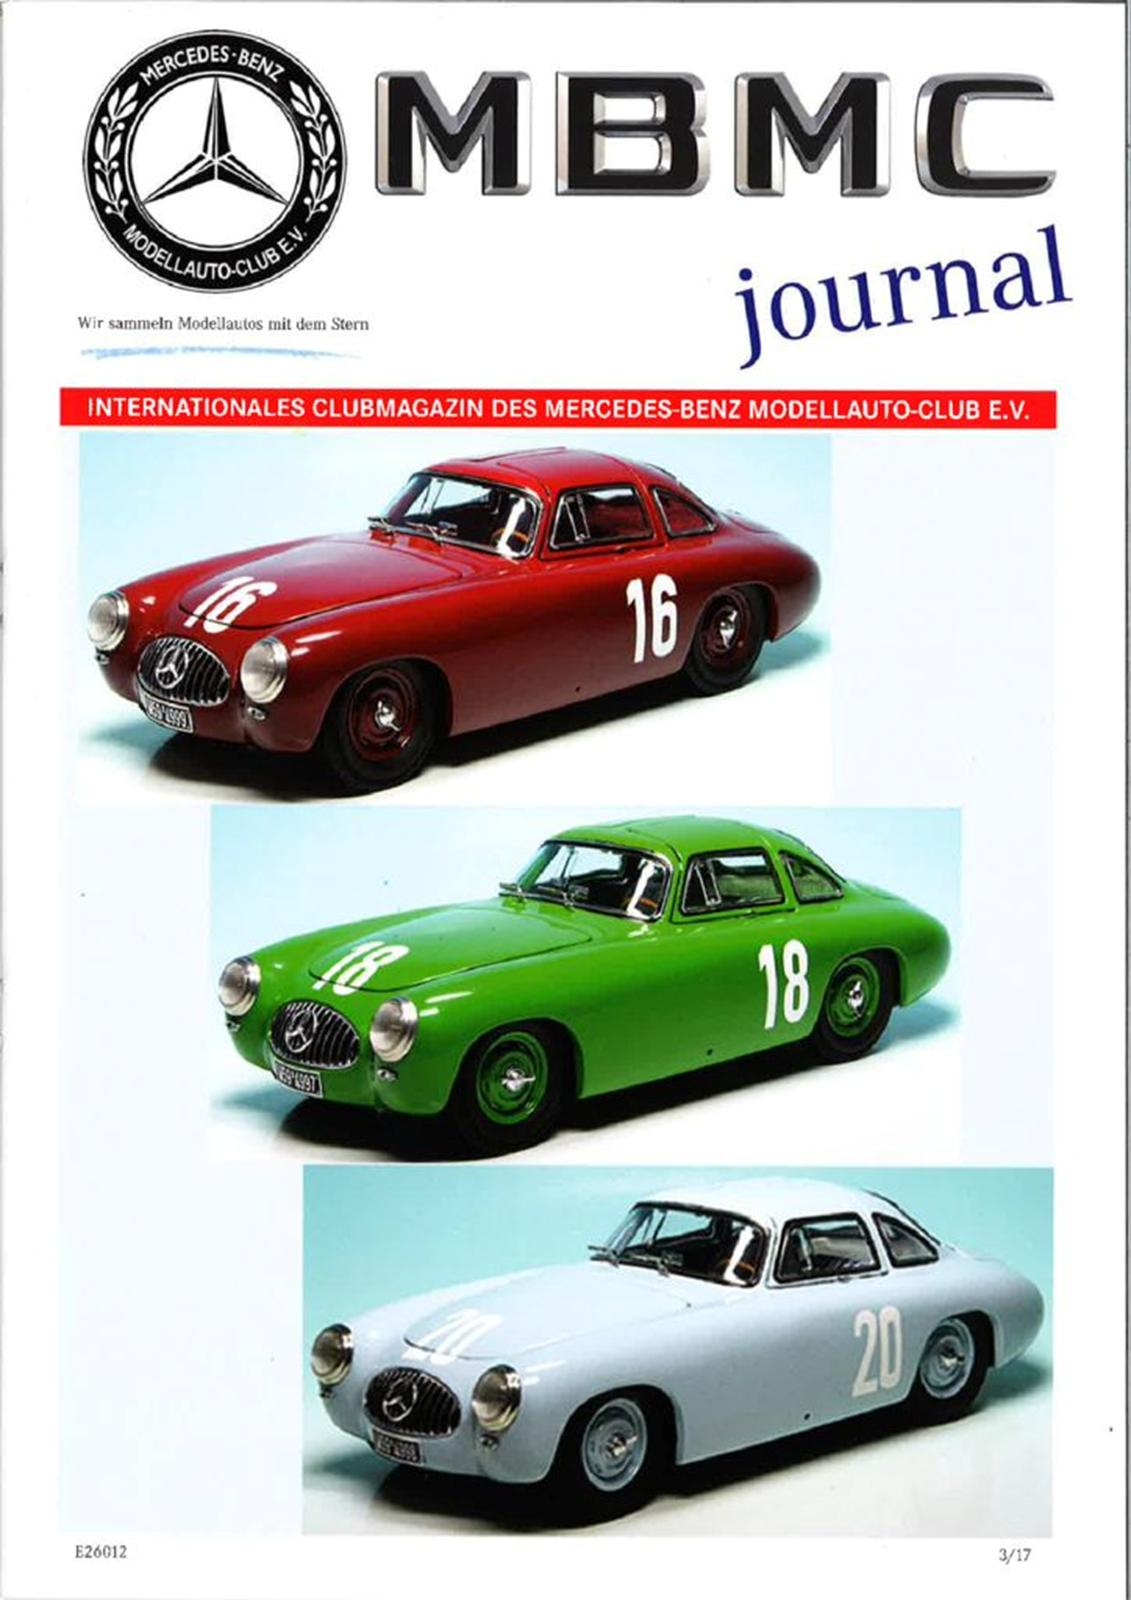 MBMC Journal